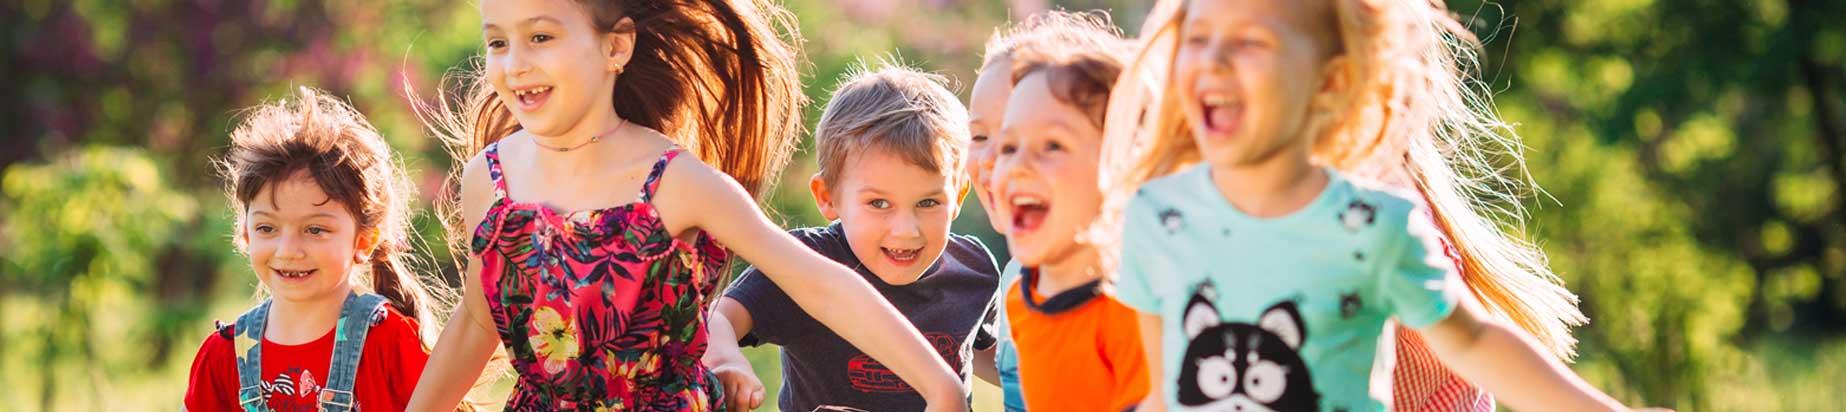 dzieci biegnące